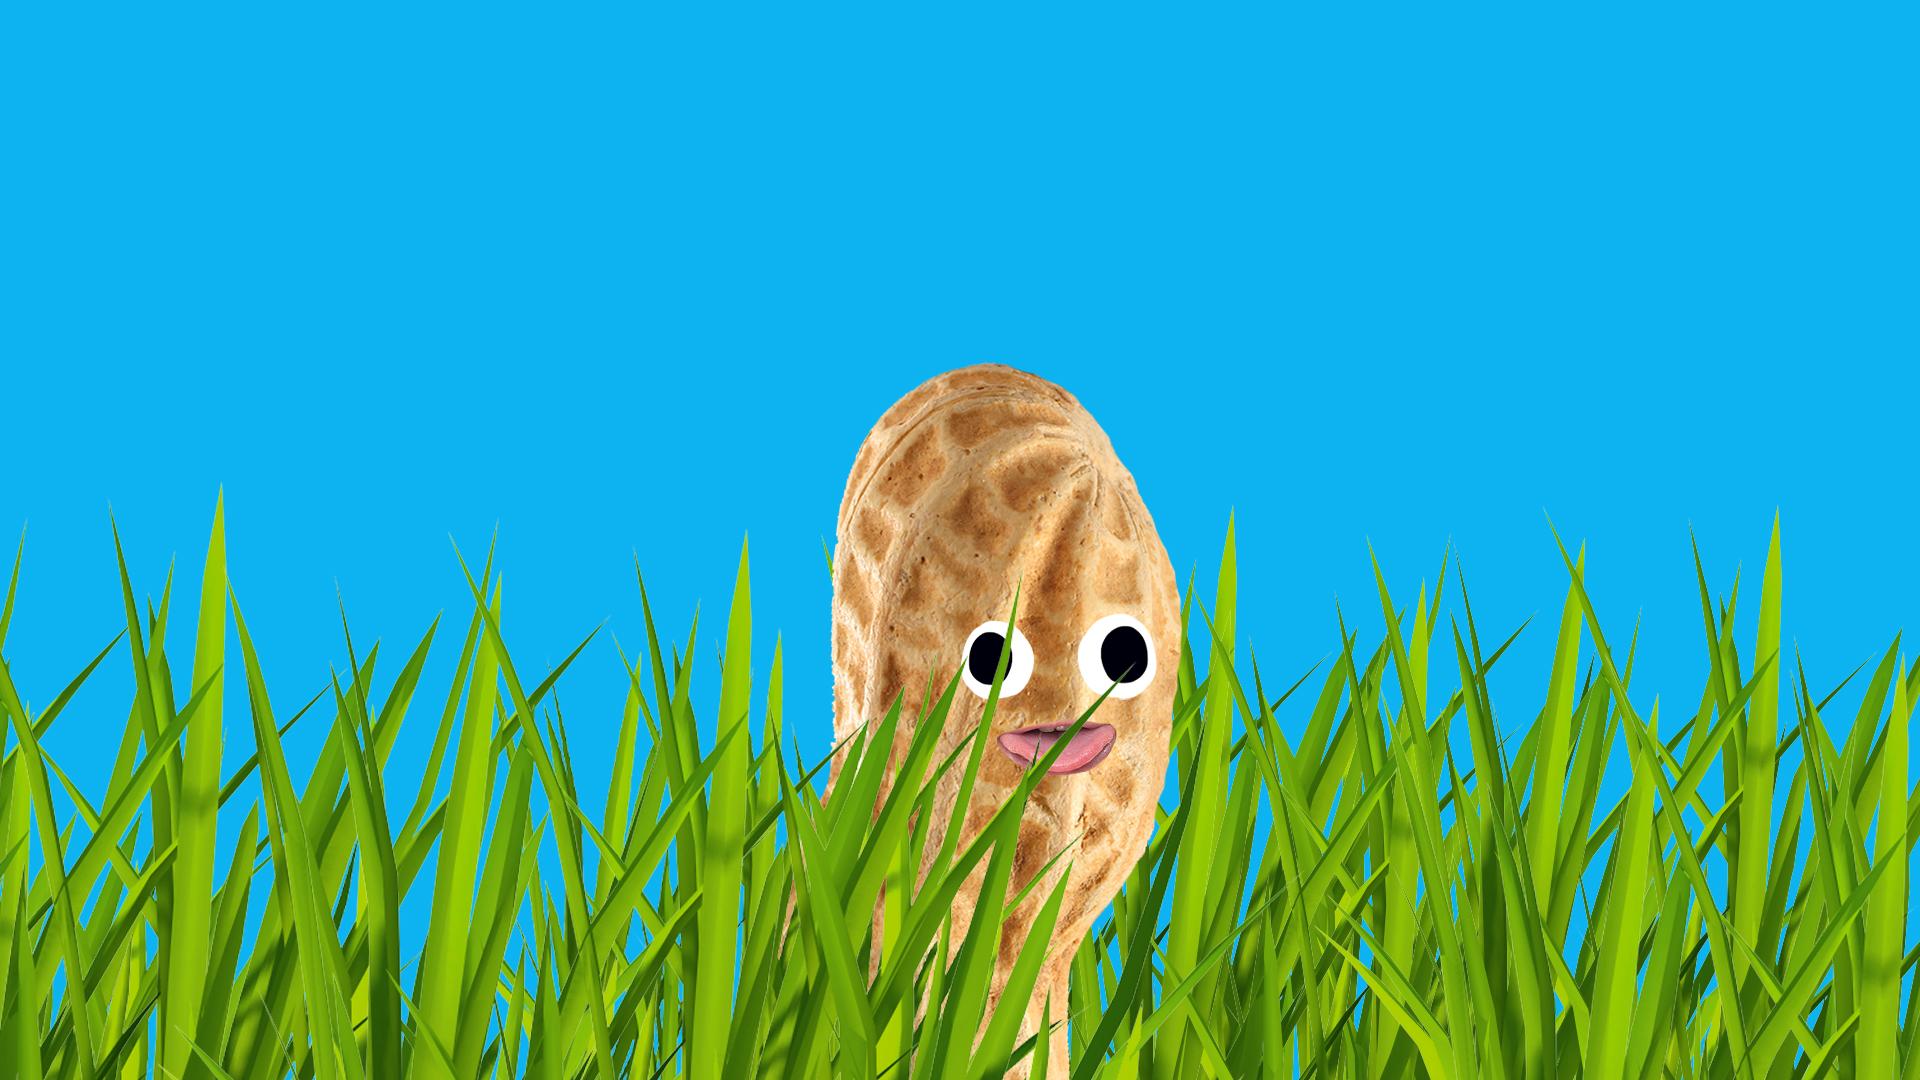 Peanut hiding in the lawn